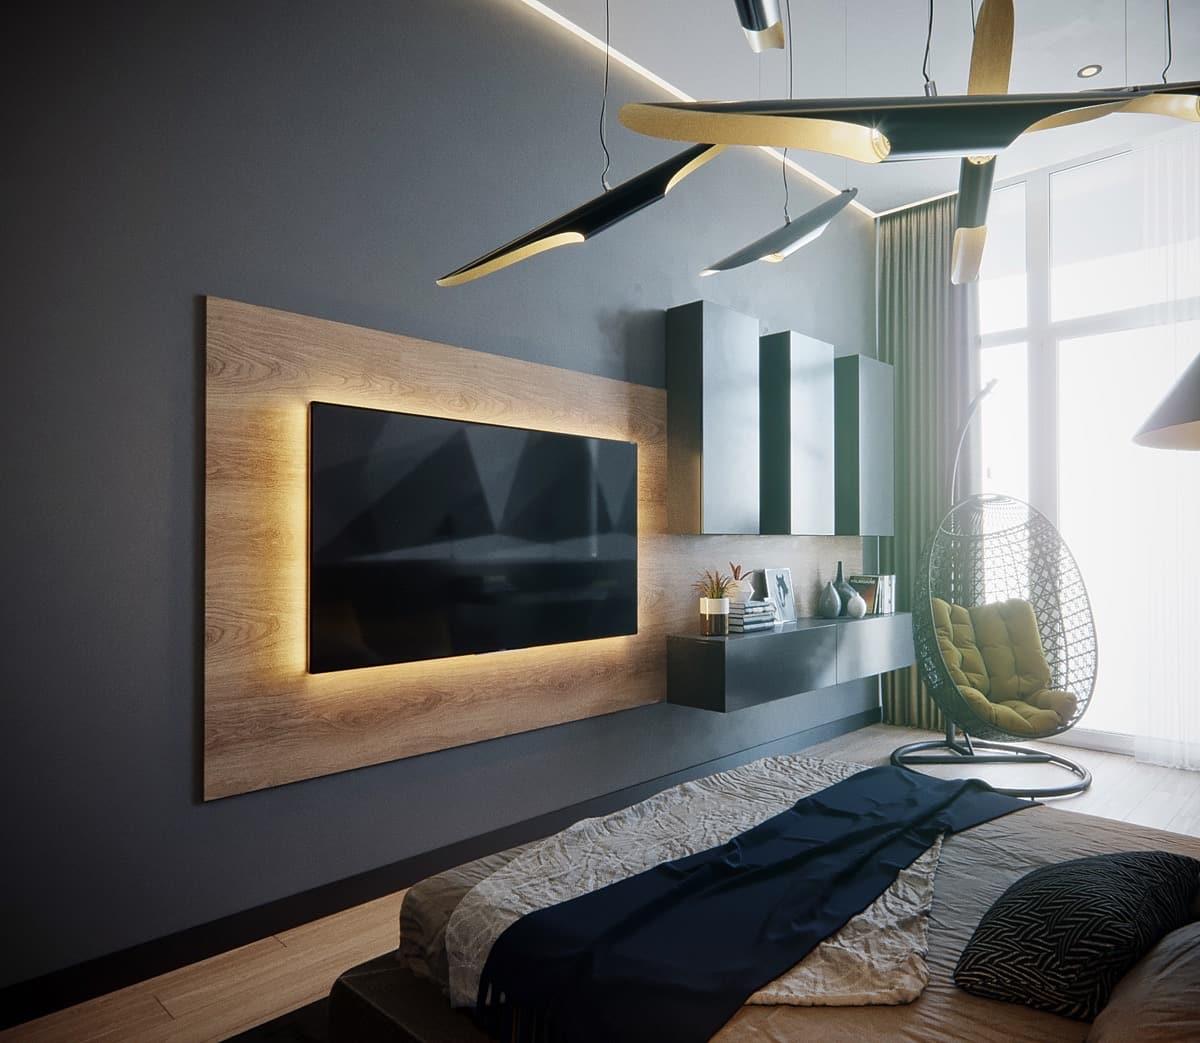 Интересным решением является выделение стены за телевизором объемным порталом из ламината